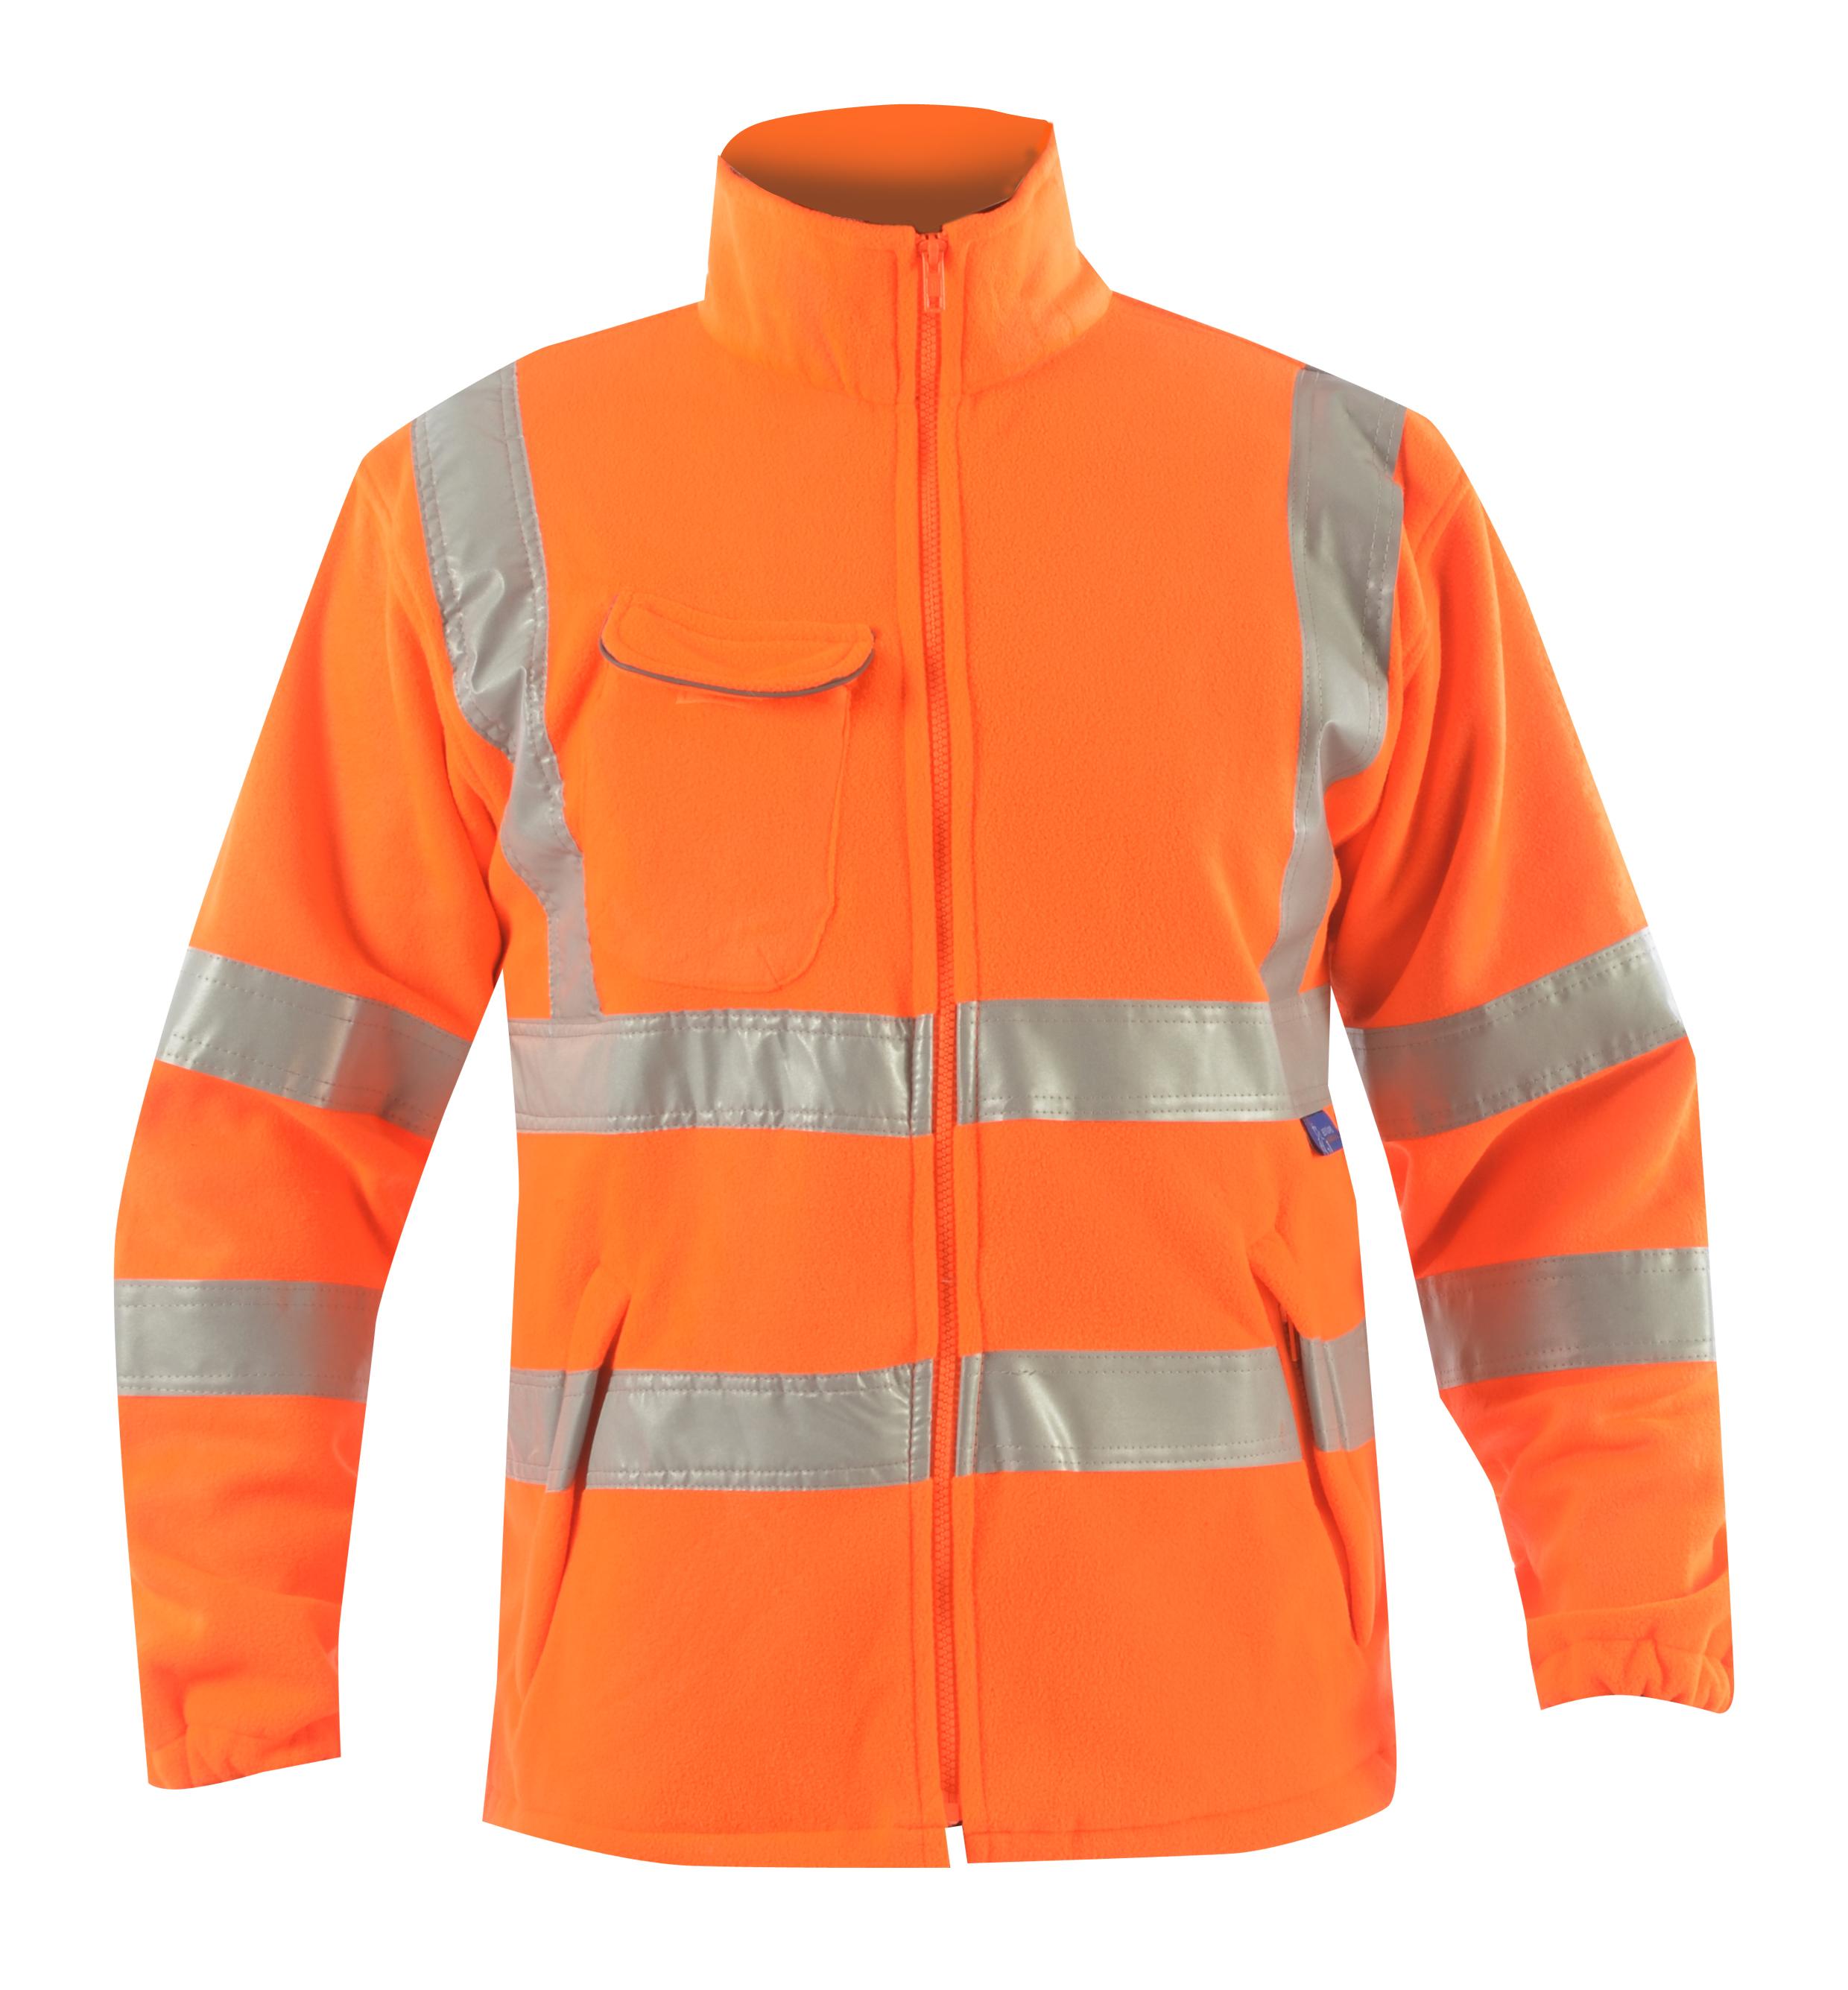 bodyguard-Fleece-Bodyguard-Workwear-Hi-Viz-GO/RT-Fleece